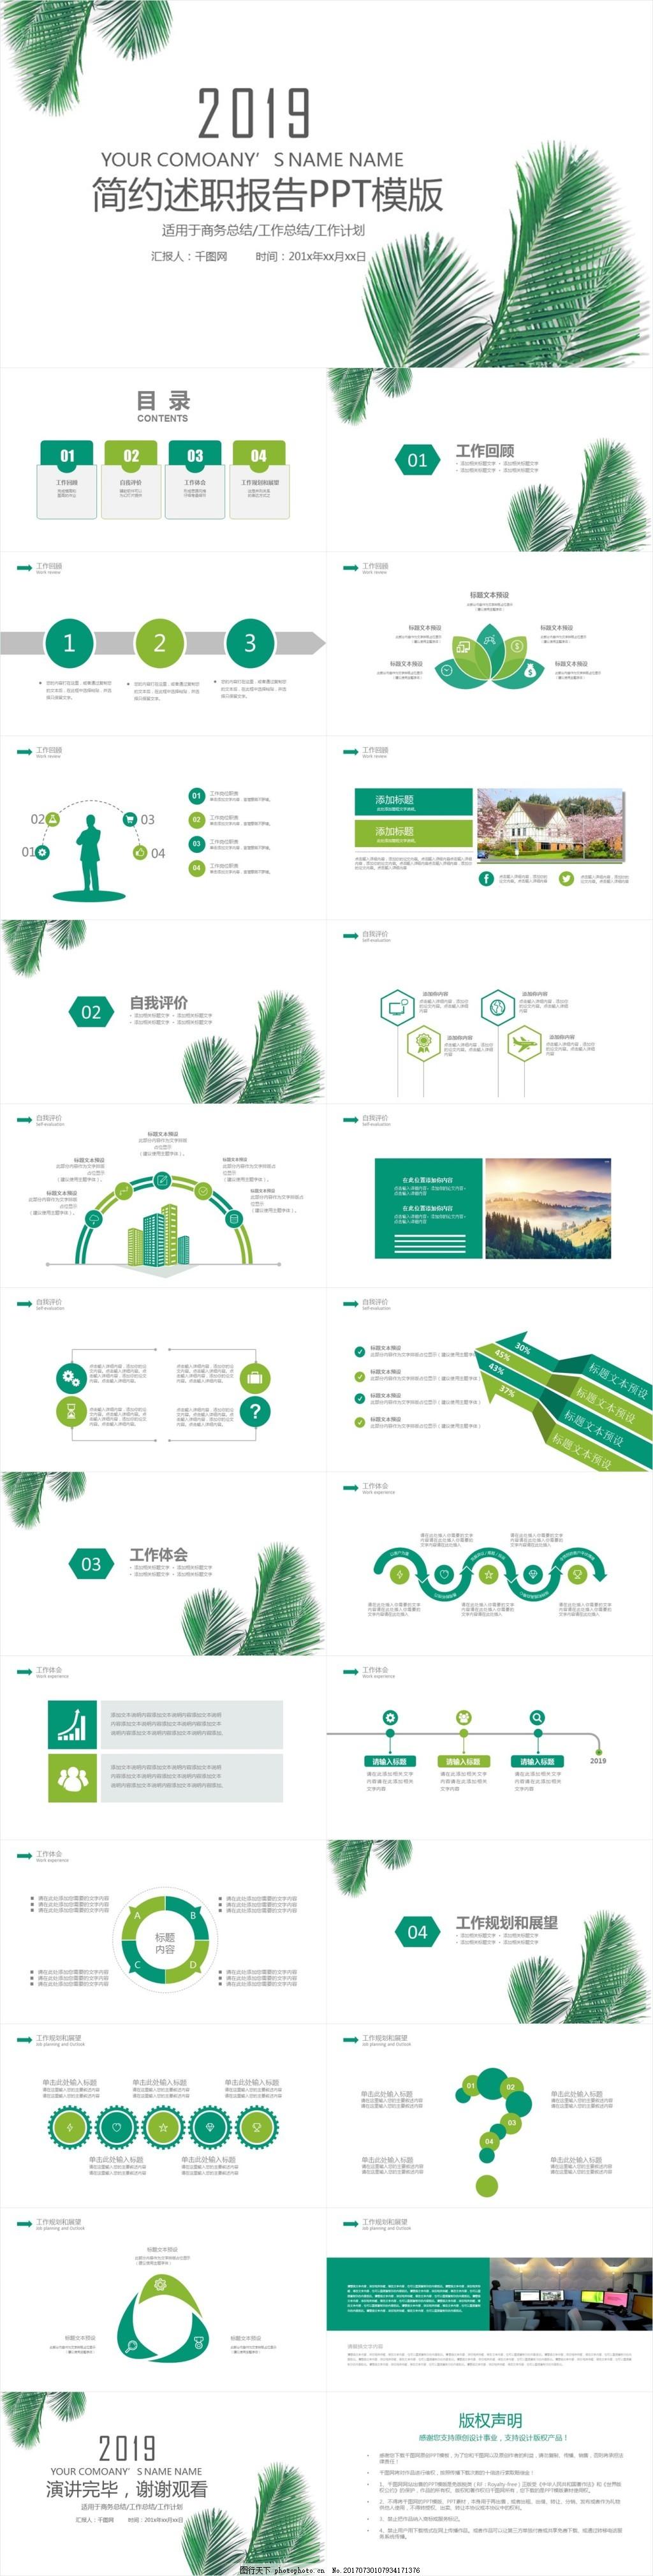 绿色简约工作计划汇报总结PPT模板 工作汇报 工作报告 工作总结